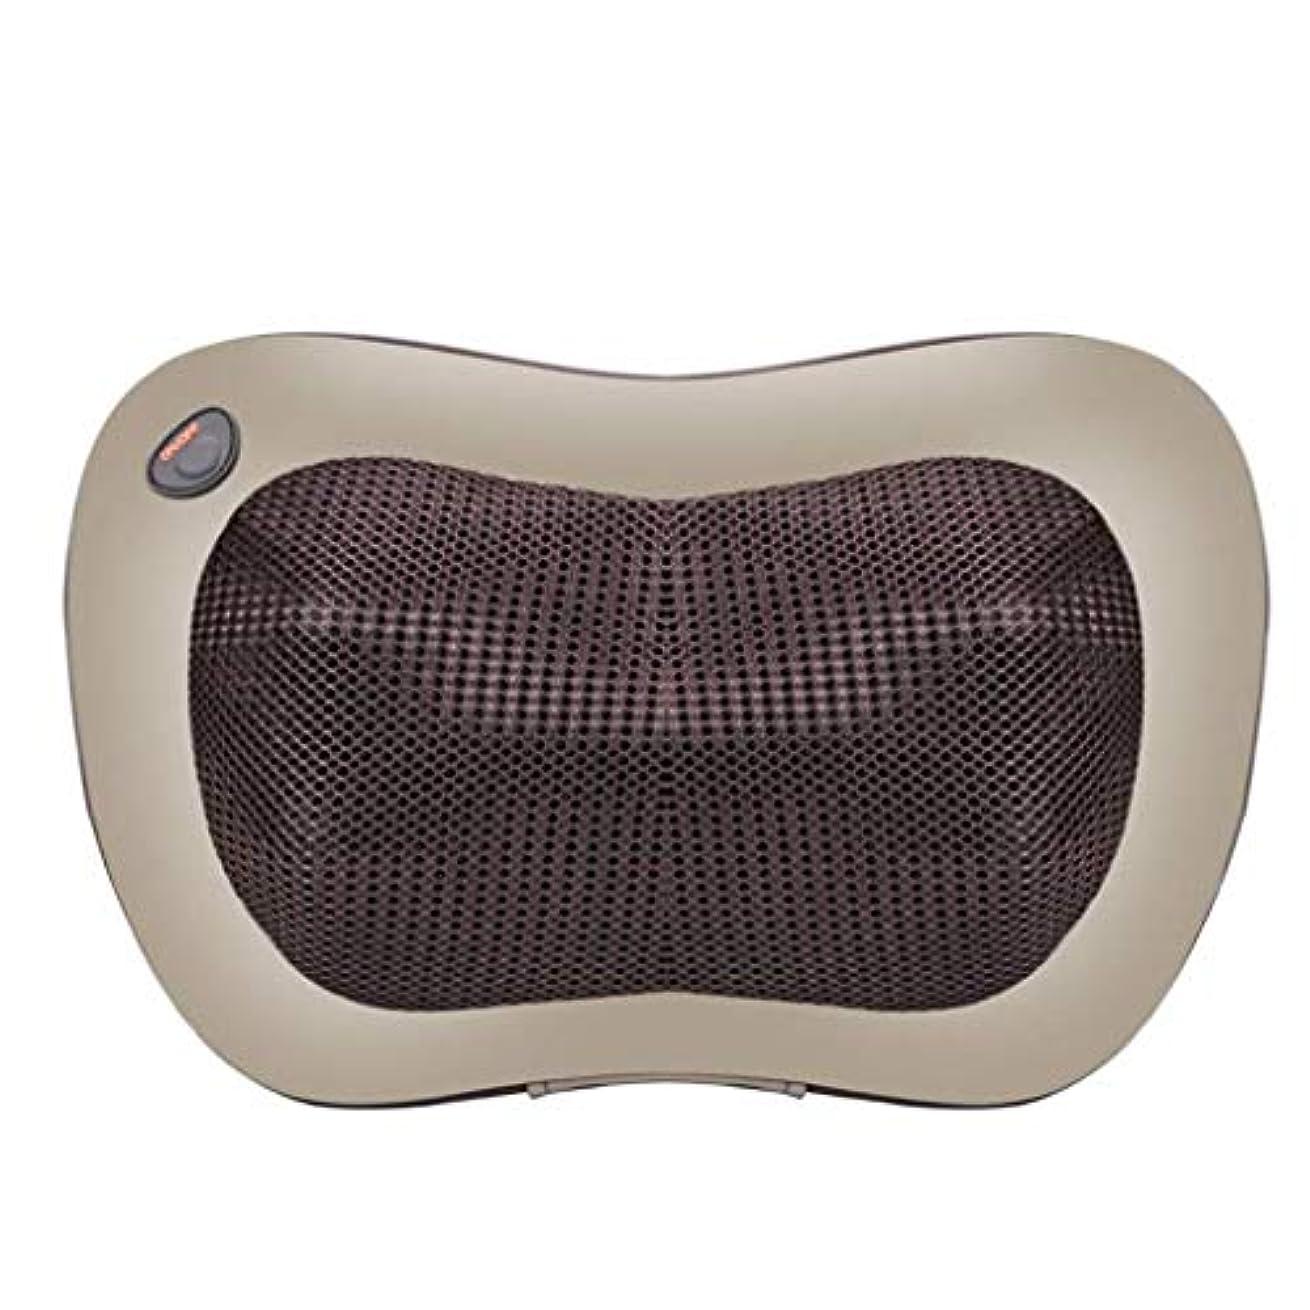 自然反逆高さ電動マッサージ枕、指圧マッサージ首マッサージ-マッサージ枕、ホットショルダー、ウエスト、脚、足を混練-ホームオフィスや車で使用して筋肉痛を和らげます